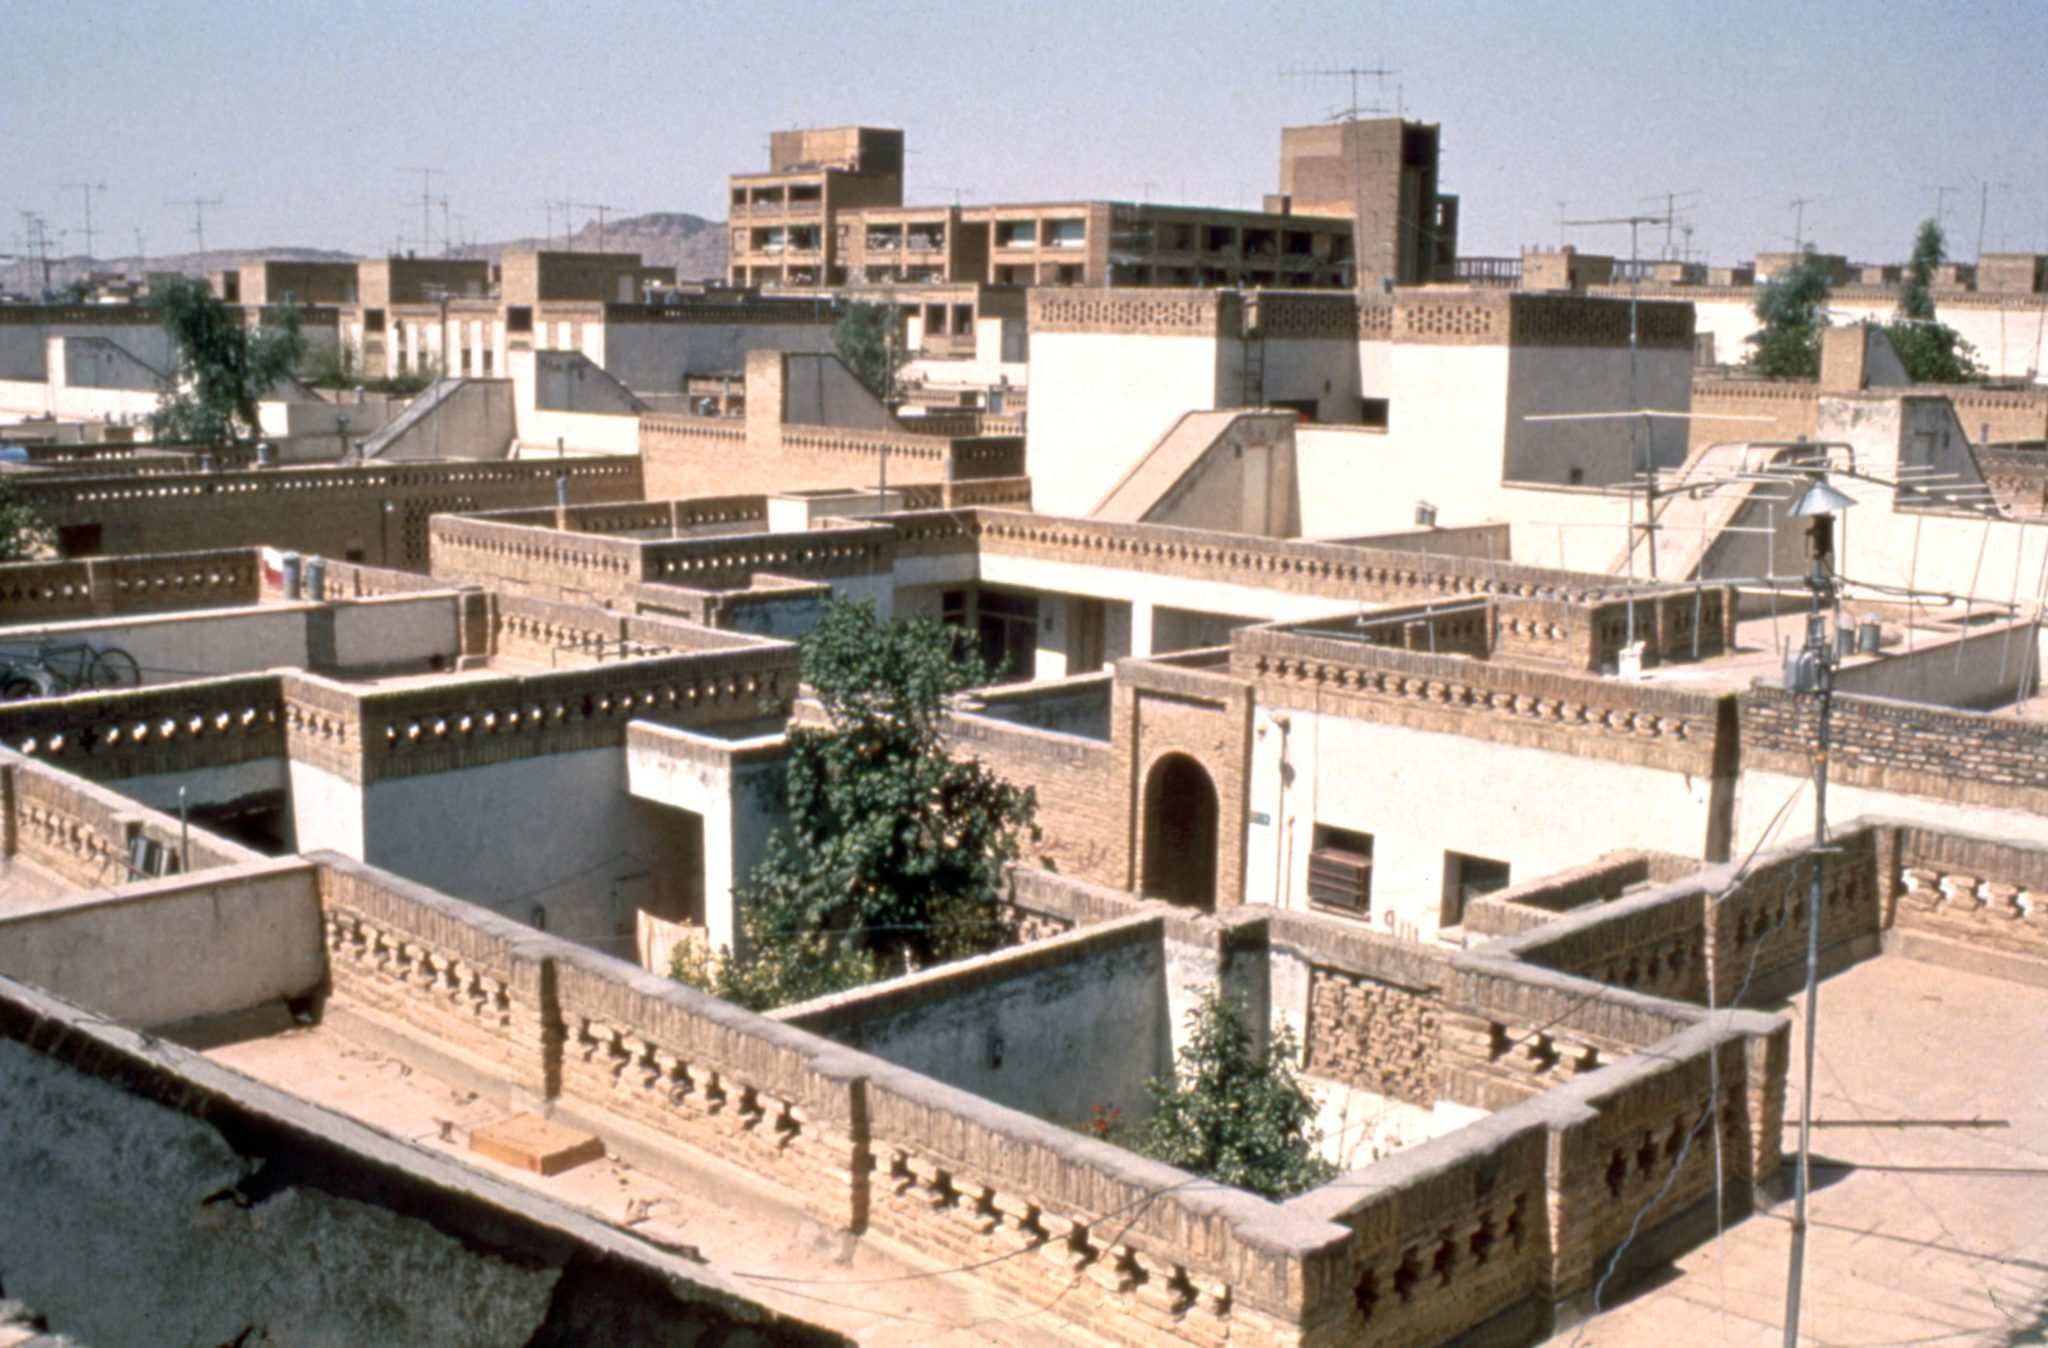 پروژه نیمهتمام کامران دیبا ostovarsazan.com